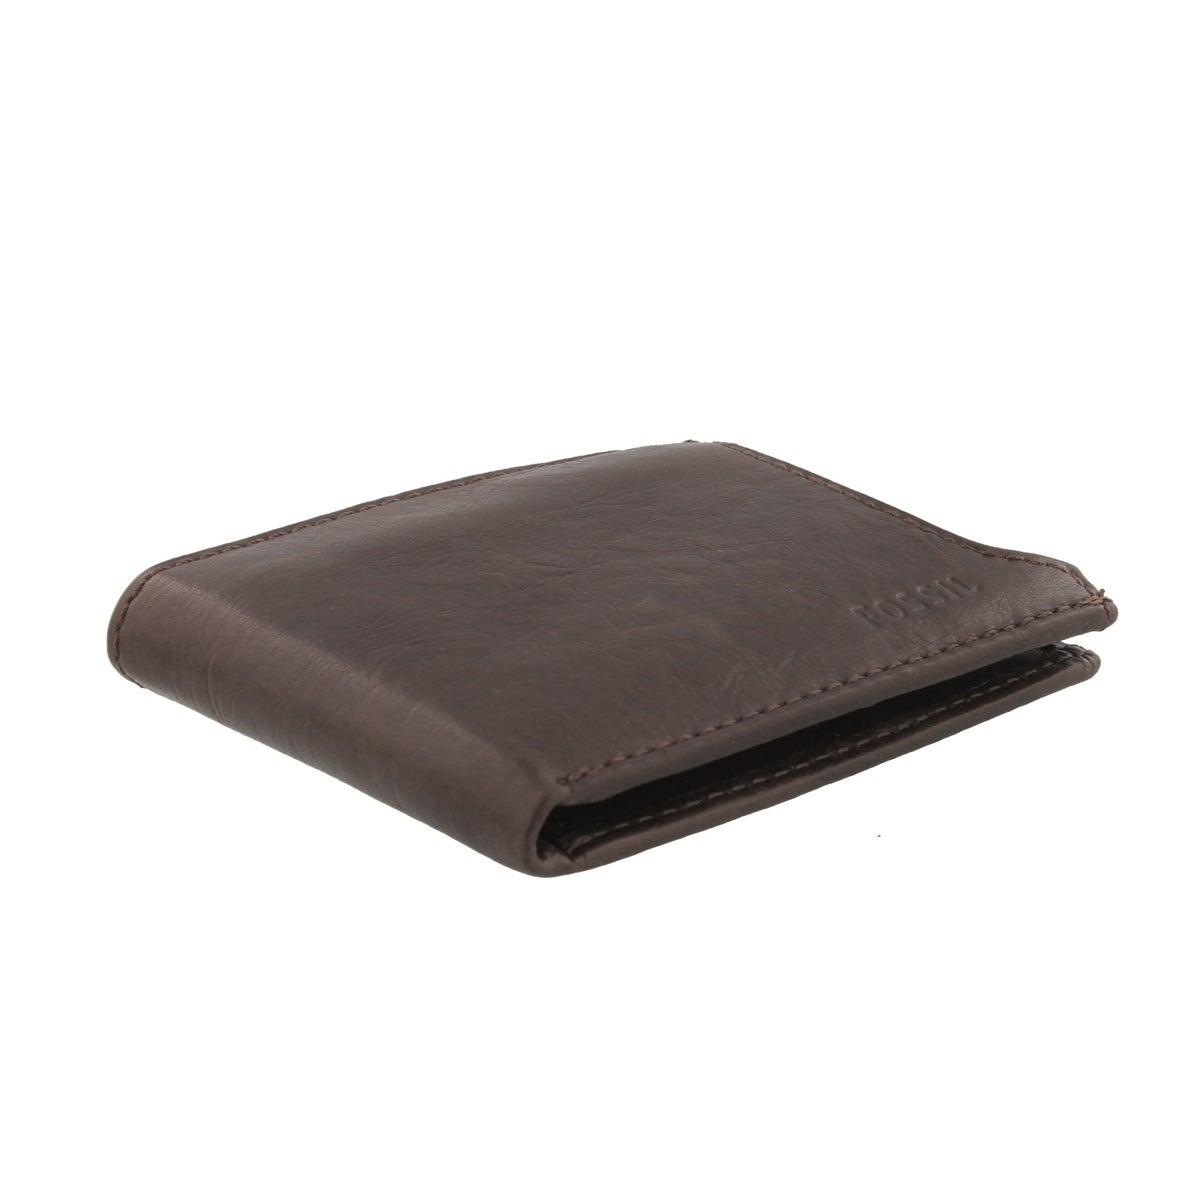 Mns Ingram Sliding 2in1 brn lthr wallet